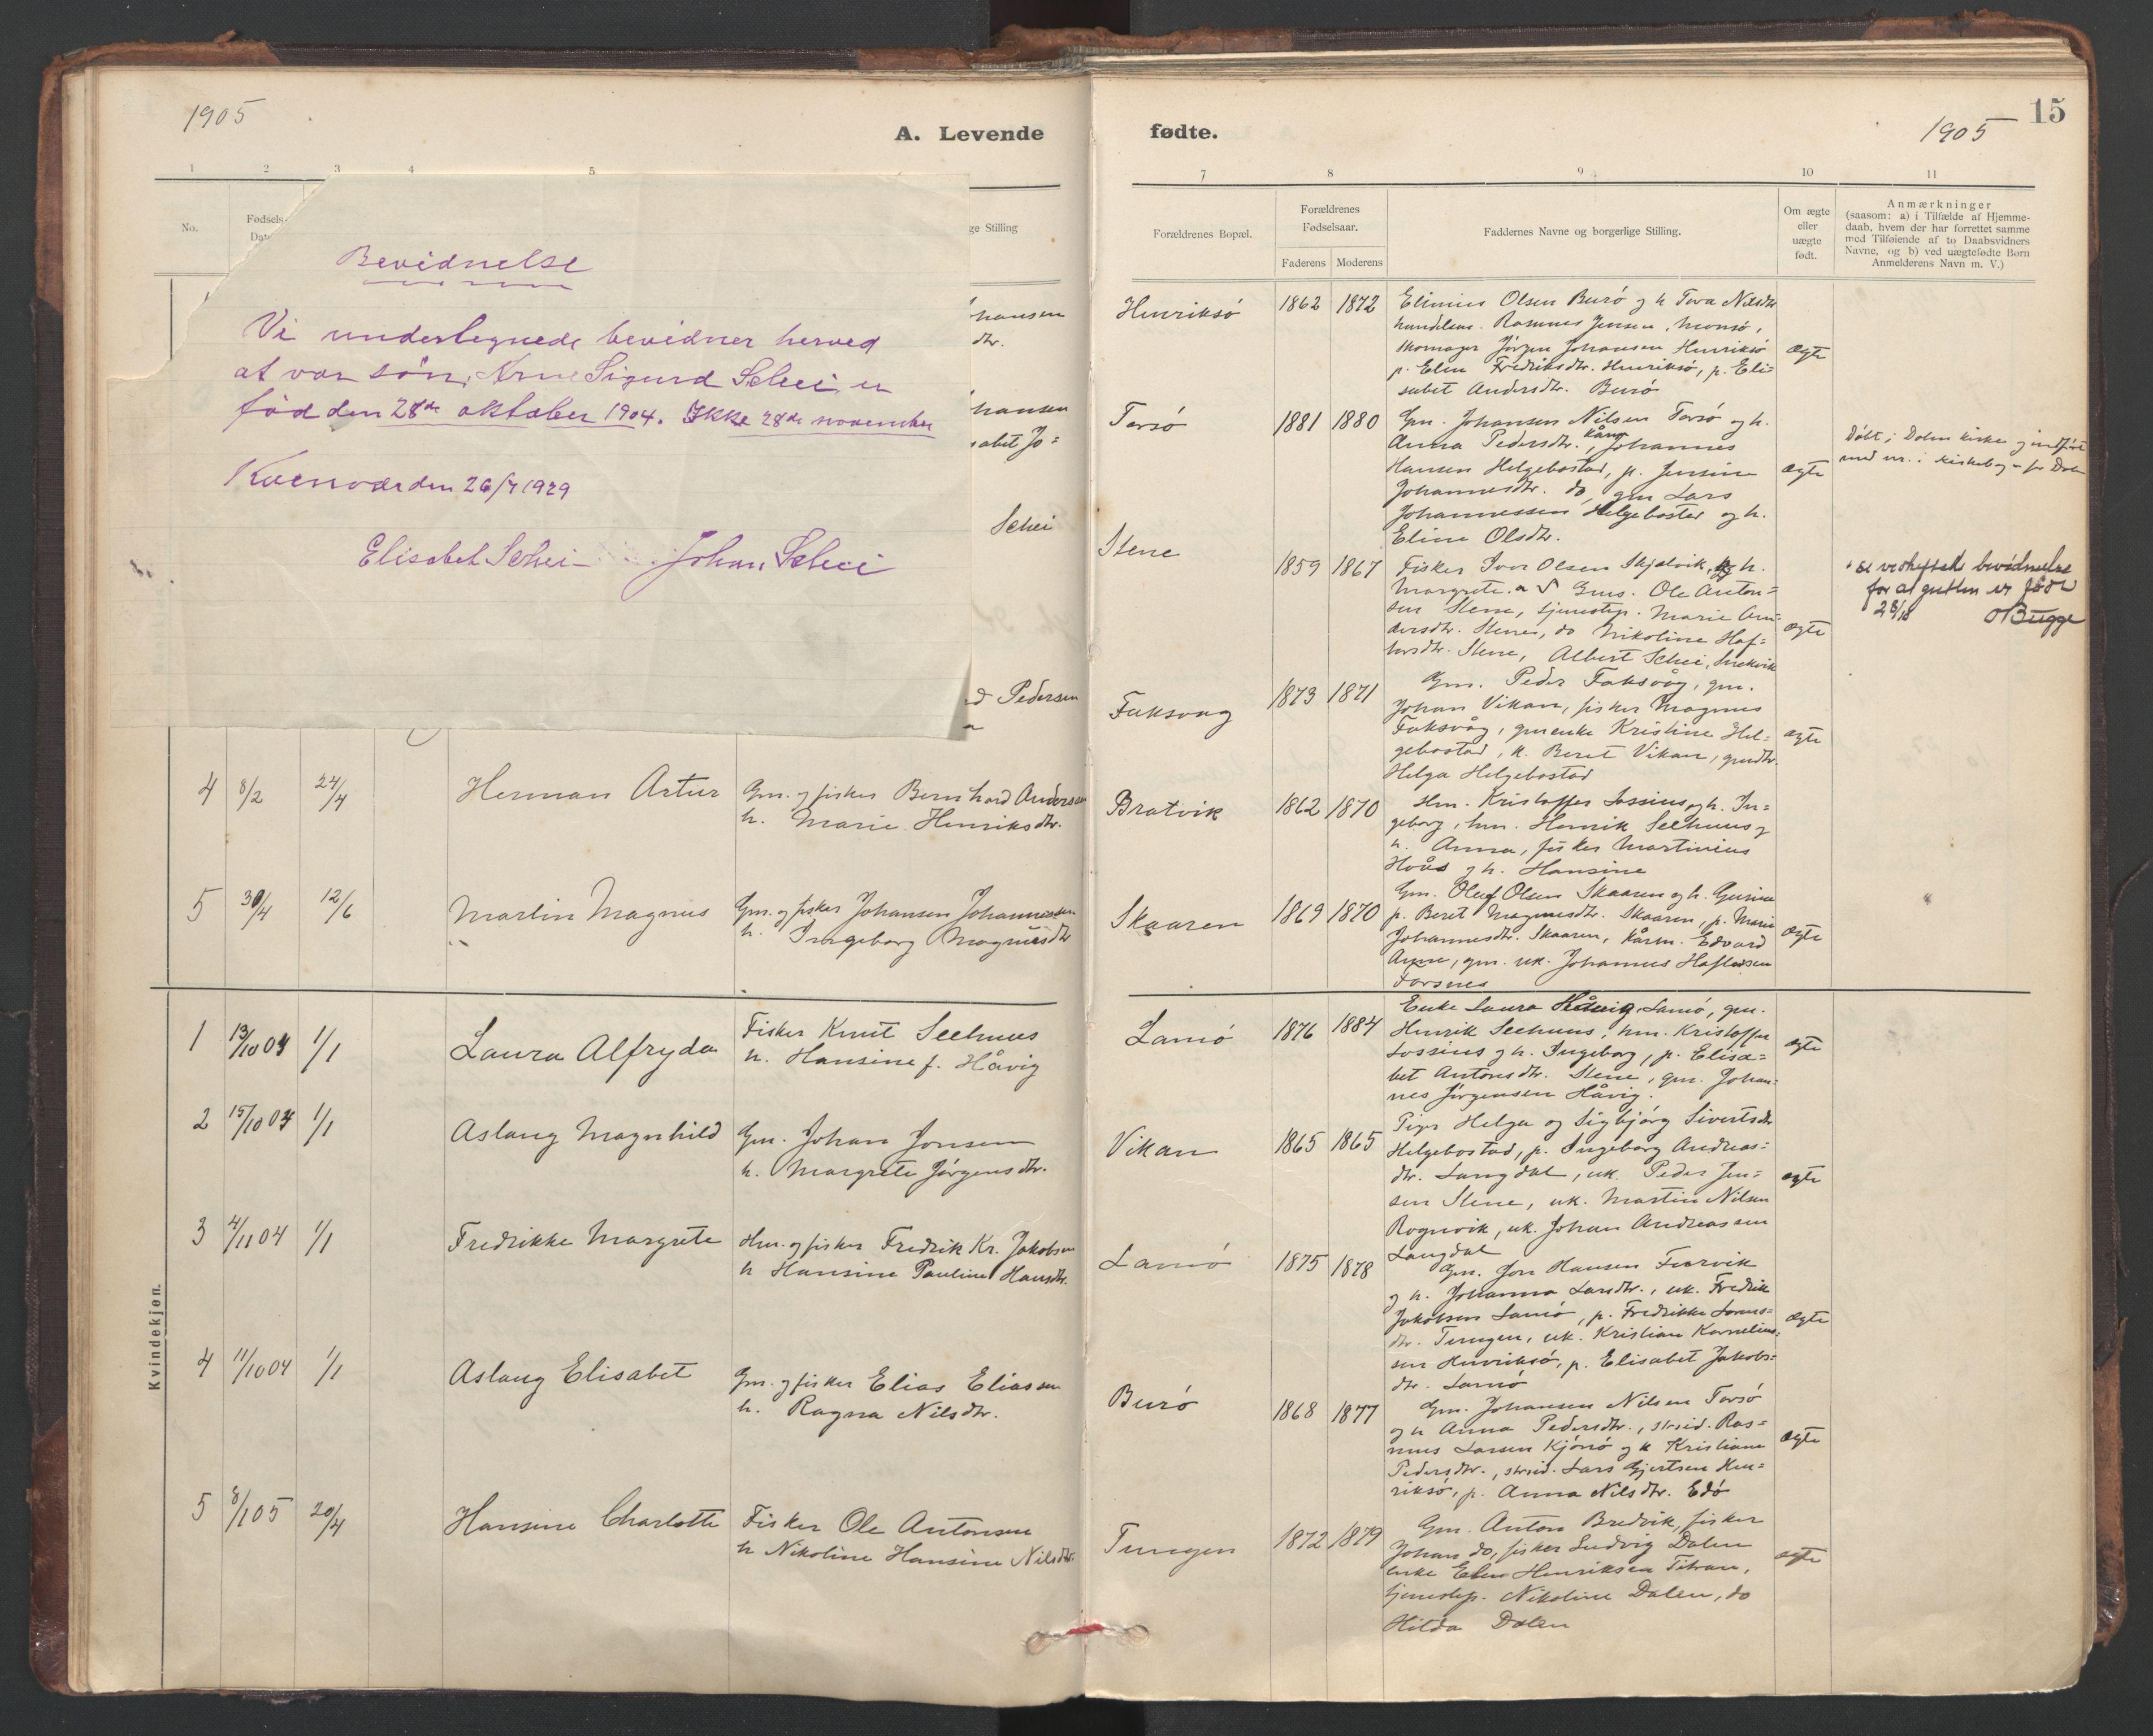 SAT, Ministerialprotokoller, klokkerbøker og fødselsregistre - Sør-Trøndelag, 635/L0552: Ministerialbok nr. 635A02, 1899-1919, s. 15